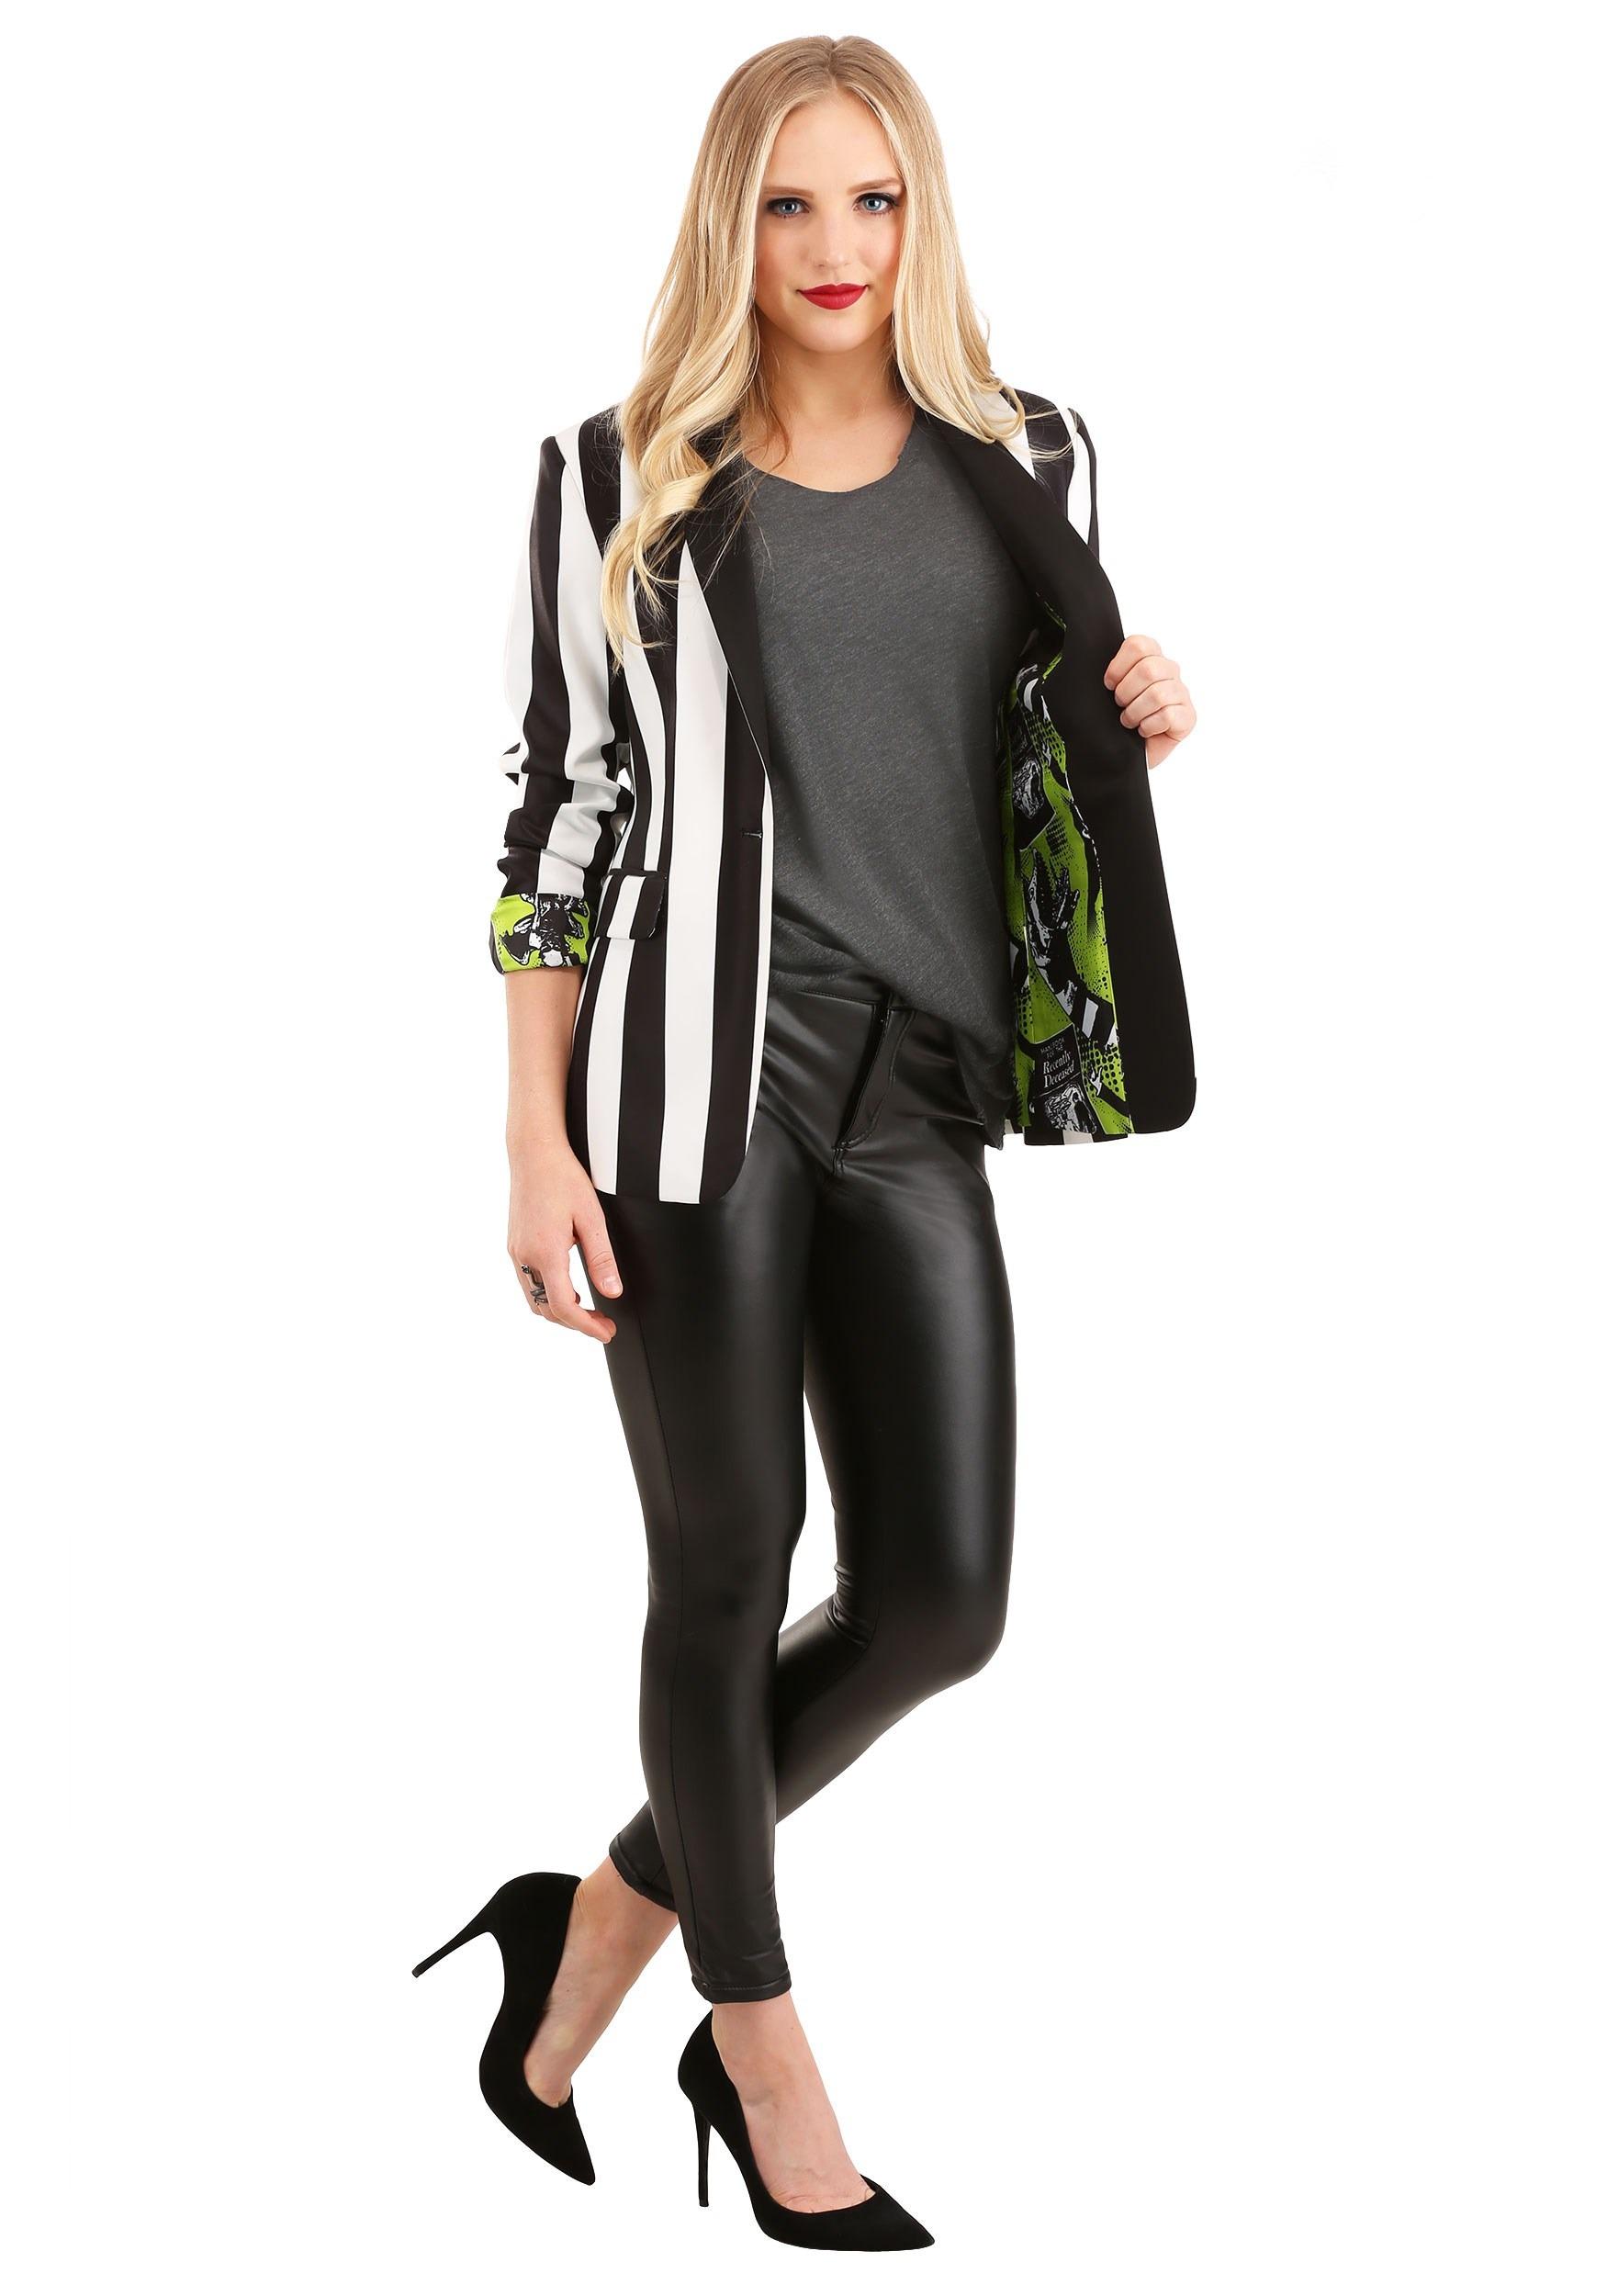 Beetlejuice Suit Blazer for Women | Halloween Clothing